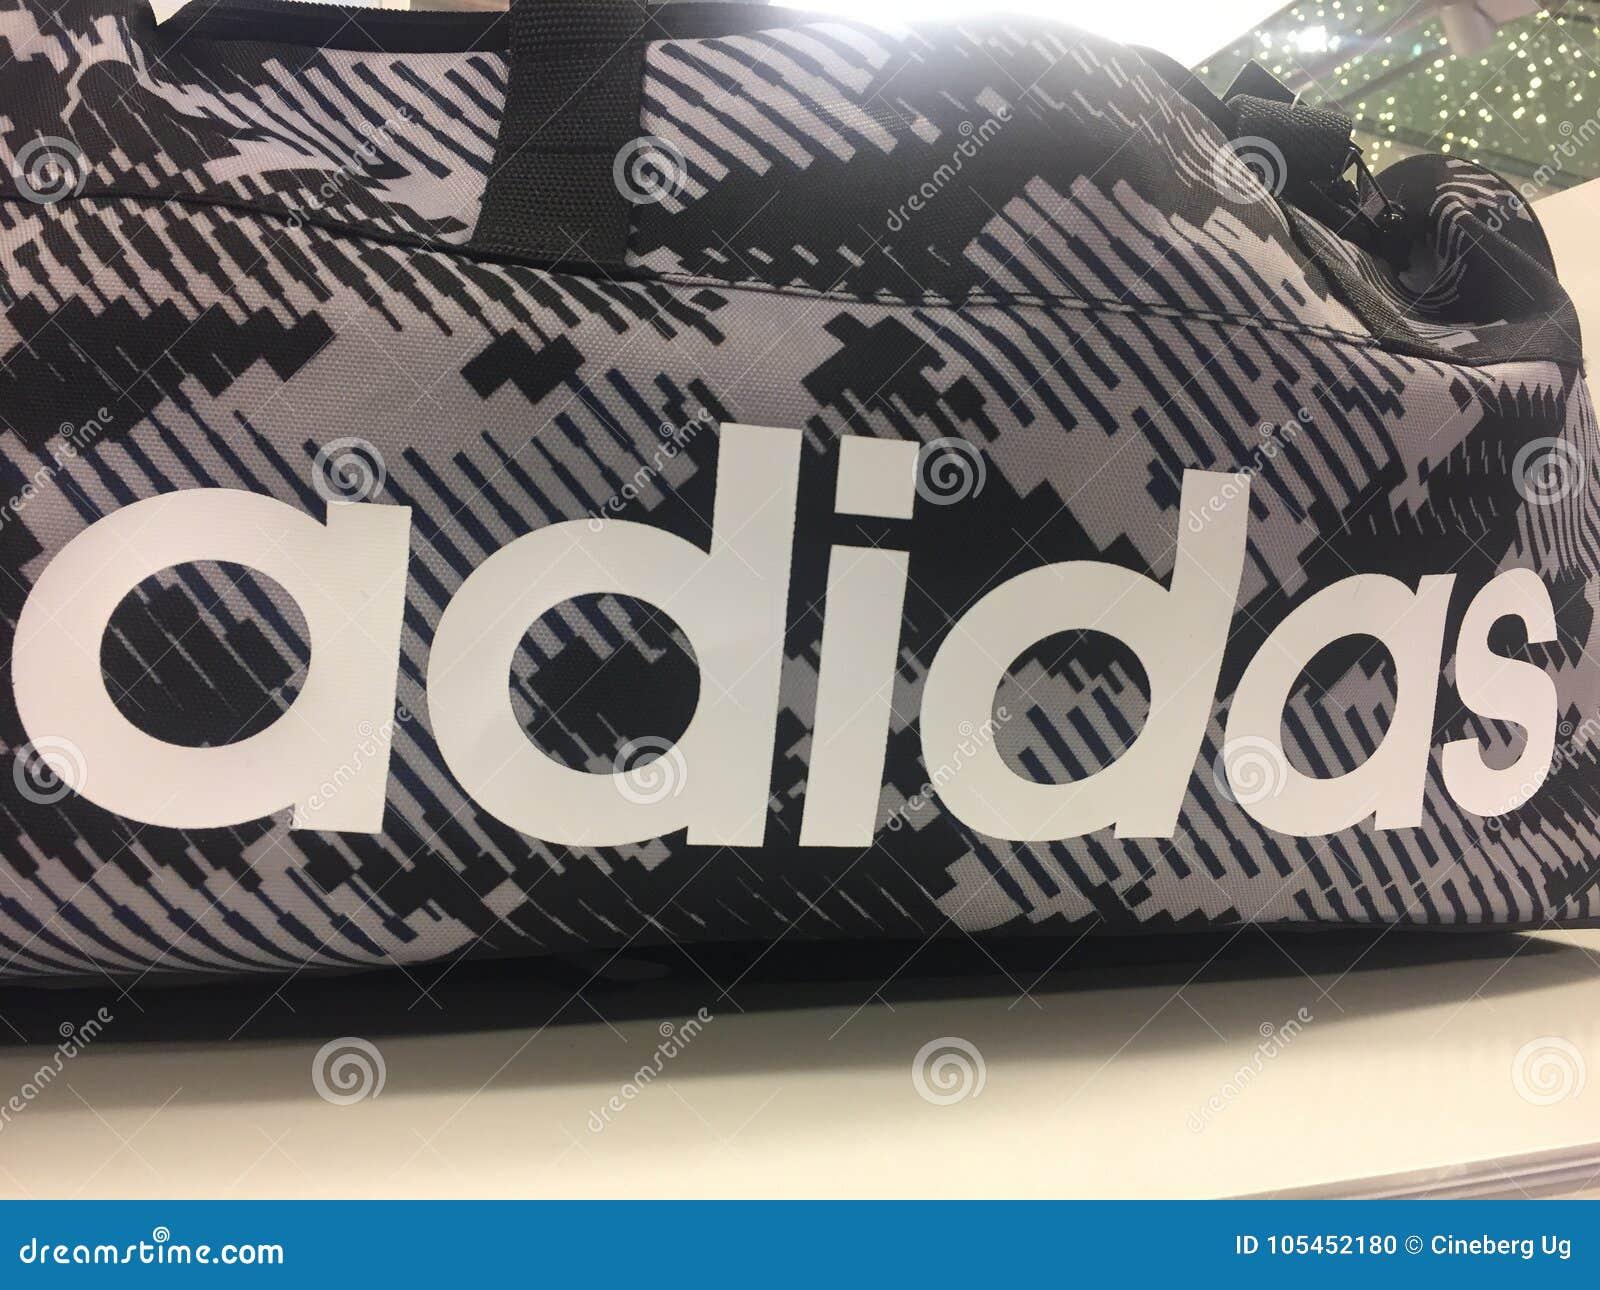 Adidas mette in mostra la borsa